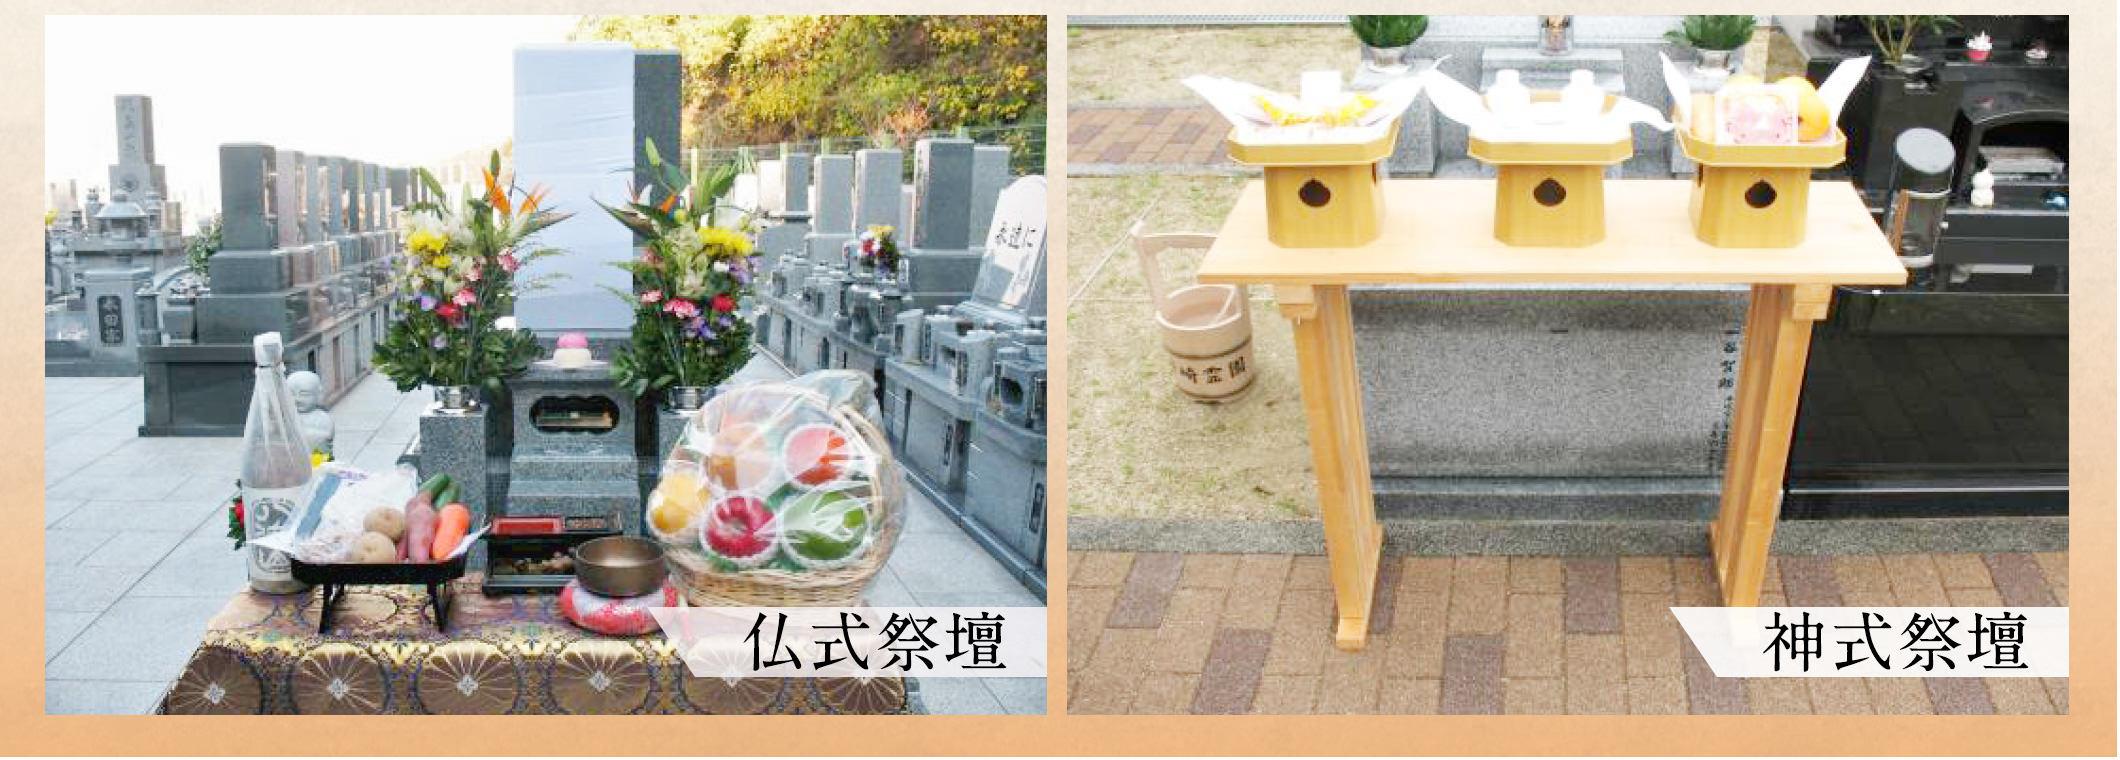 仏式祭壇 神式祭壇